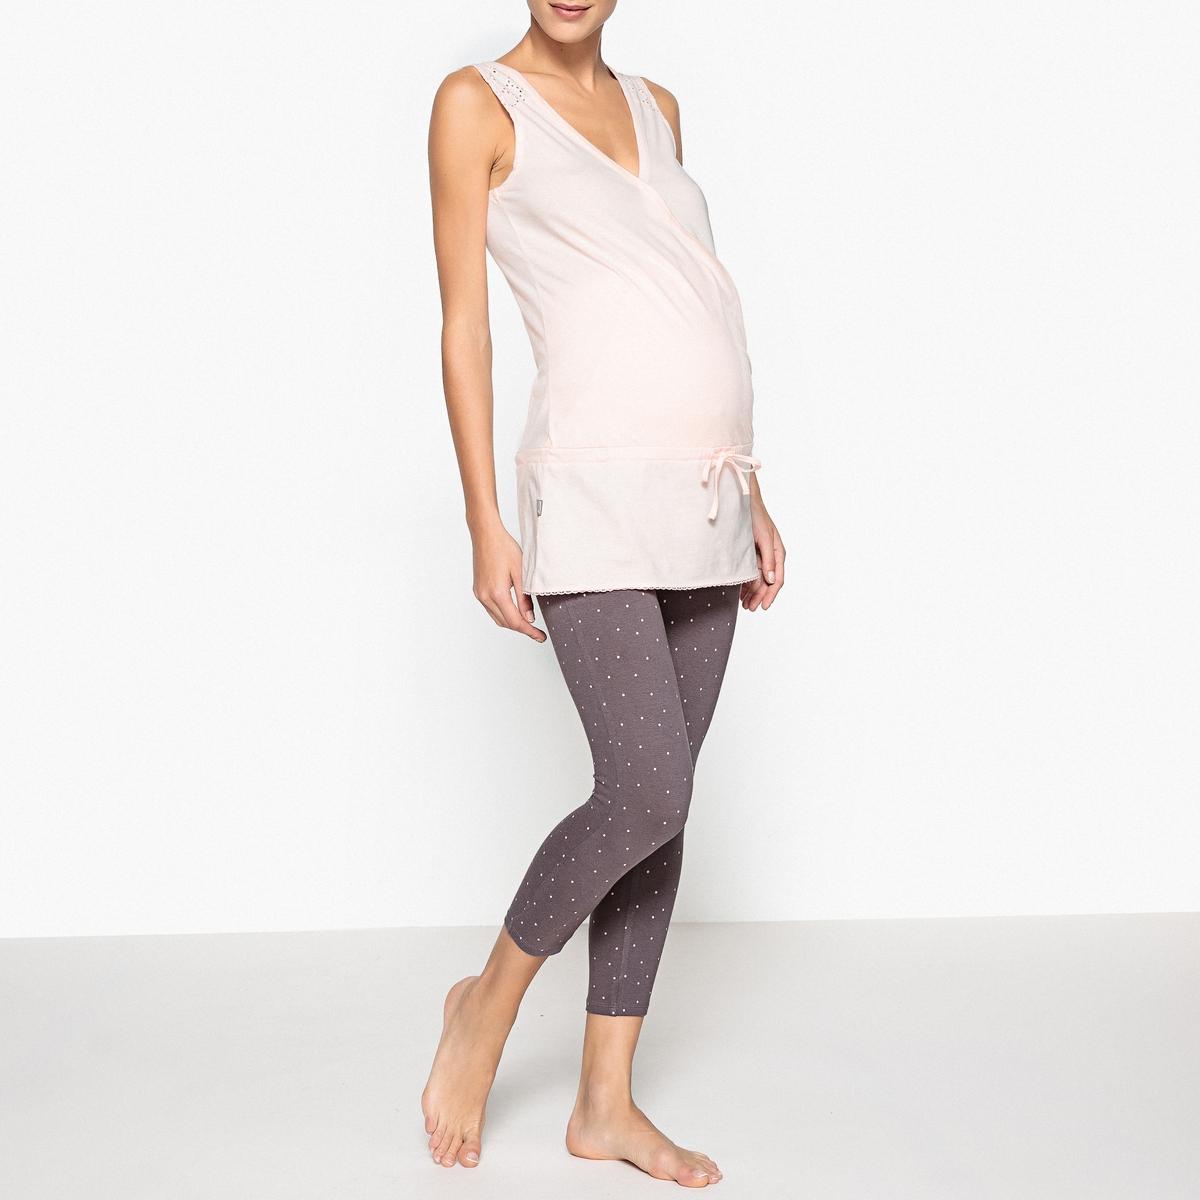 Пижама для периода беременностиКороткая пижама, разработанная специально для периода беременности и грудного вскармливания: в целях заботы о Вас и Вашем малыше.Состав и описаниеПижама короткая из 2 предметов: туники и коротких леггинсов. Для периода беременности и грудного вскармливания.Топ с кружевным бордюром и застежкой на кнопку для кормления грудью, пояс под животом. Леггинсы до середины голени, высокий поддерживающий пояс. Материал :  верх из 100% хлопка,Леггинсы 95% хлопка, 5% эластанаДлина : Верх: 77 смДлина по внутр.шву: 50 смУход : Стирать при 40° с изделиями схожих цветов.Стирать, сушить и гладить с изнаночной стороны.<br><br>Цвет: розовый/ серый